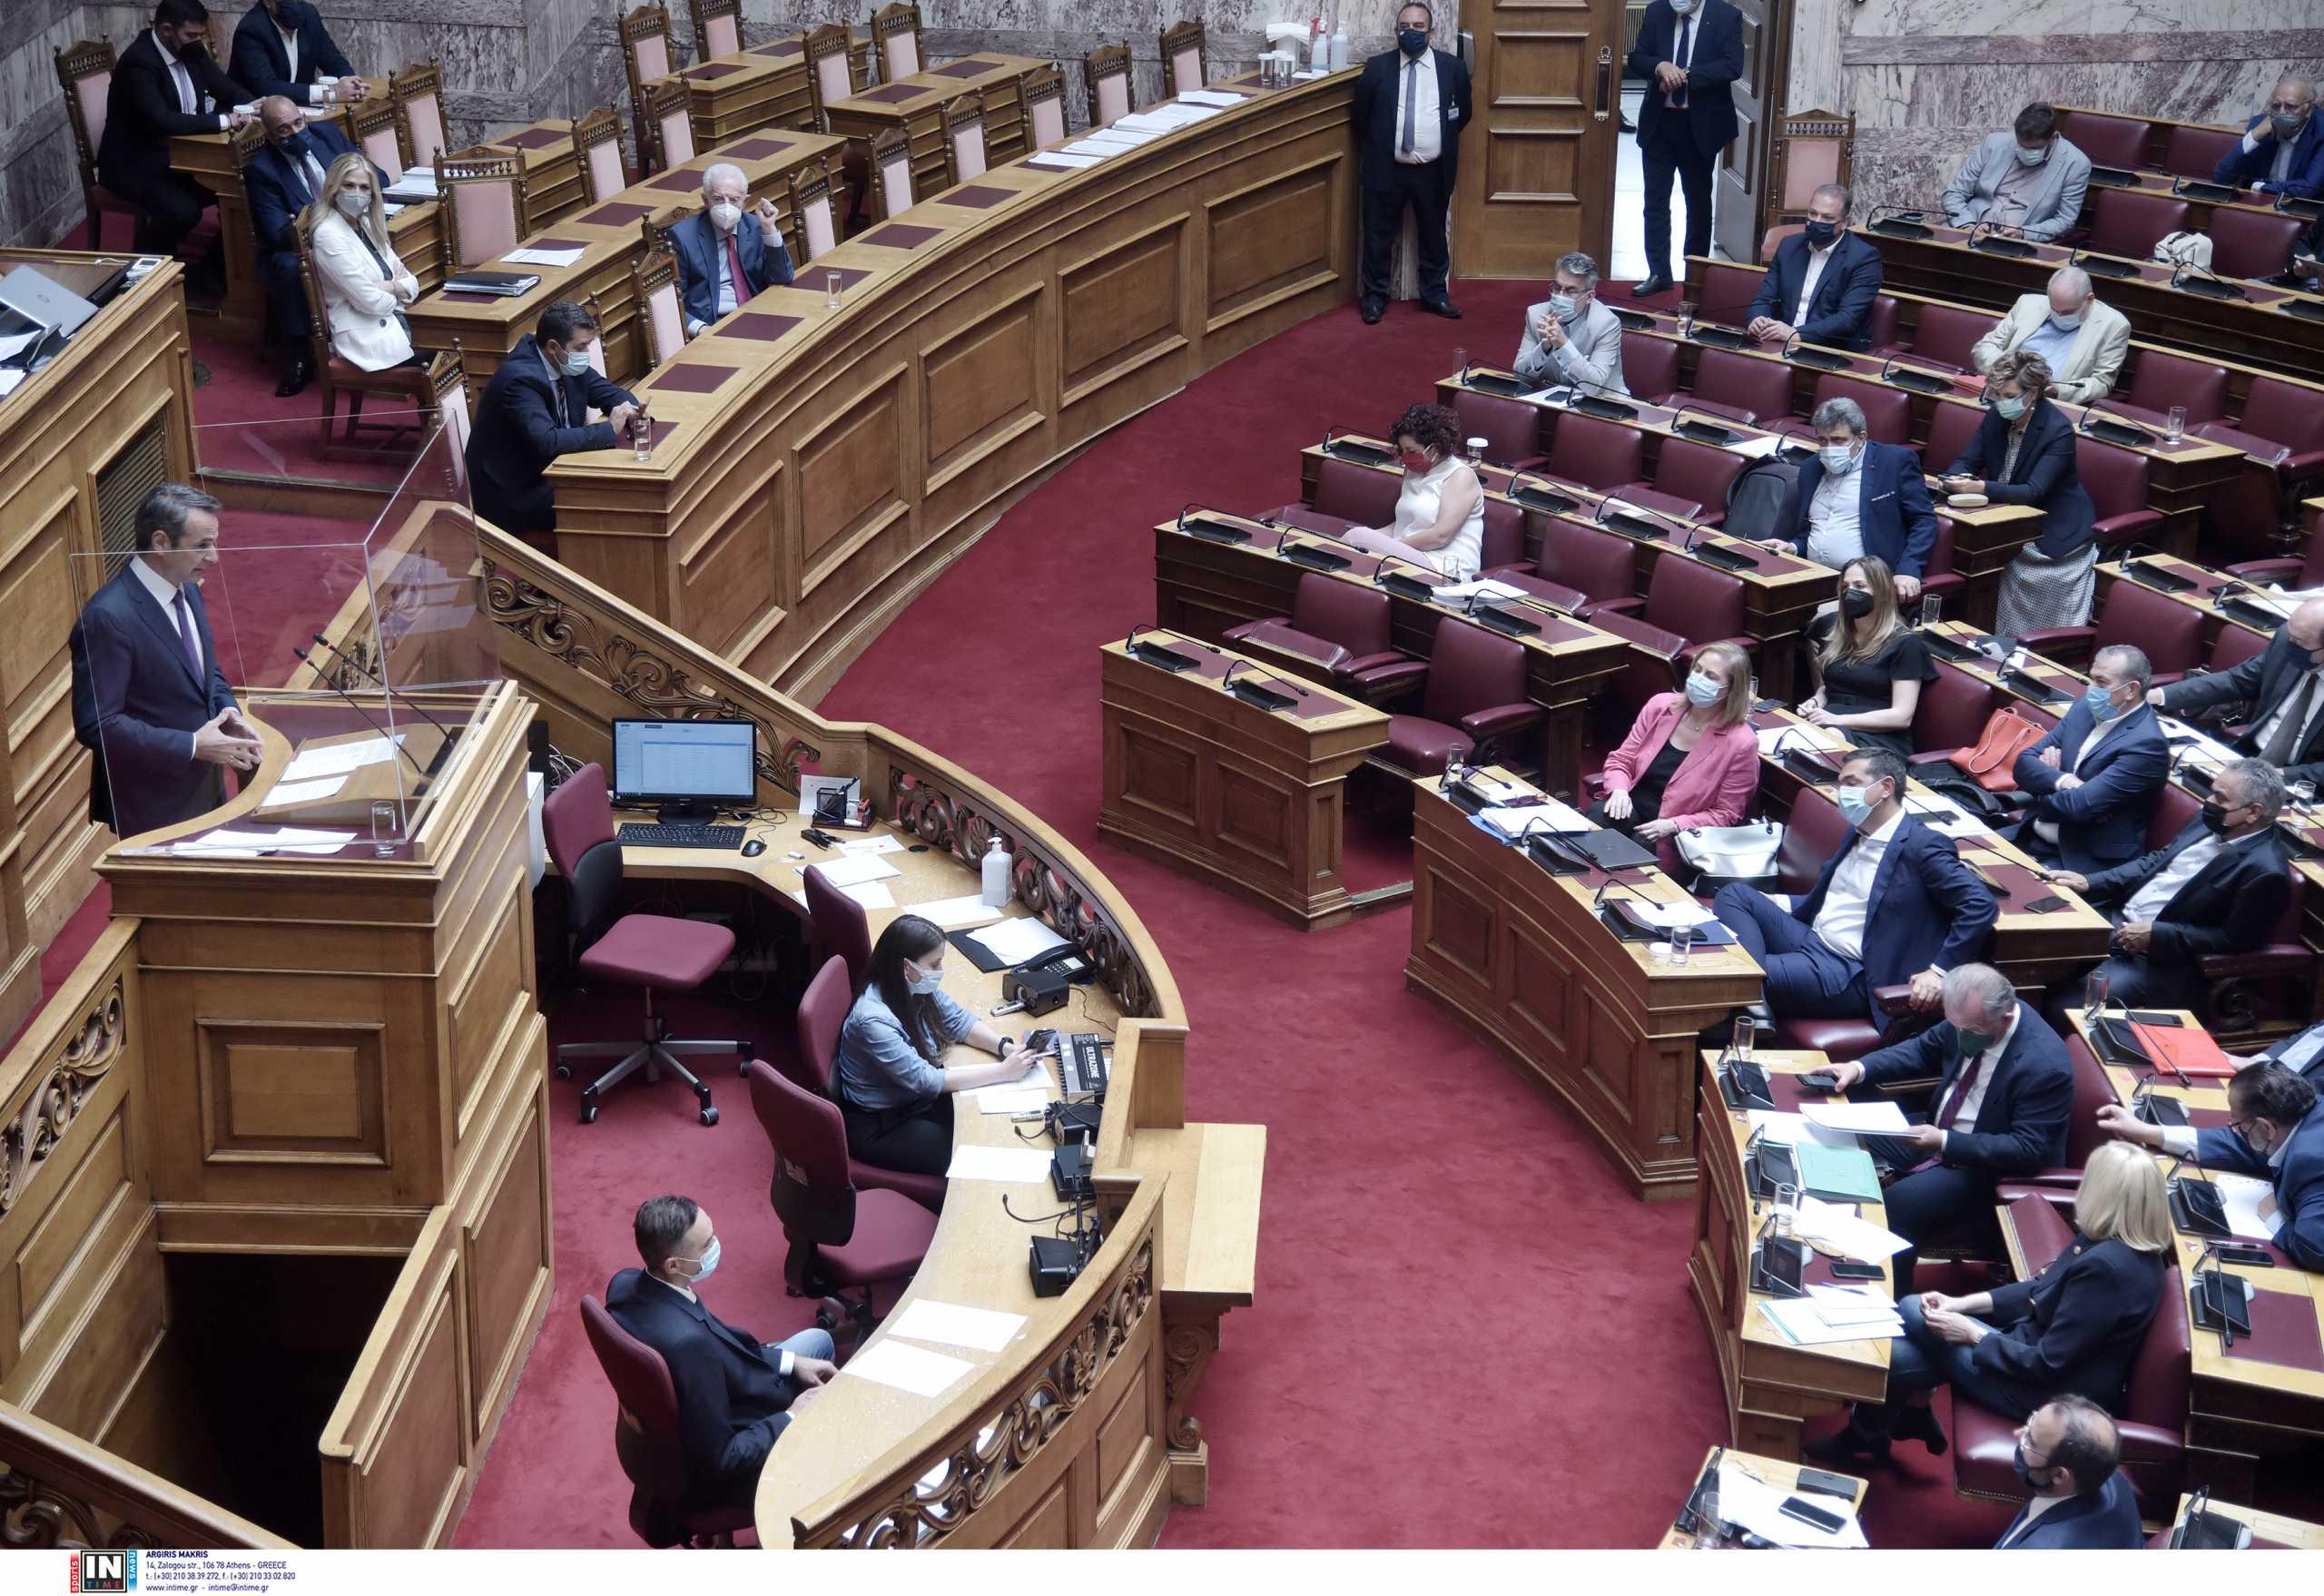 Φωτιές: Σφοδρές αντιδράσεις της αντιπολίτευσης για την κυβερνητική διαχείριση